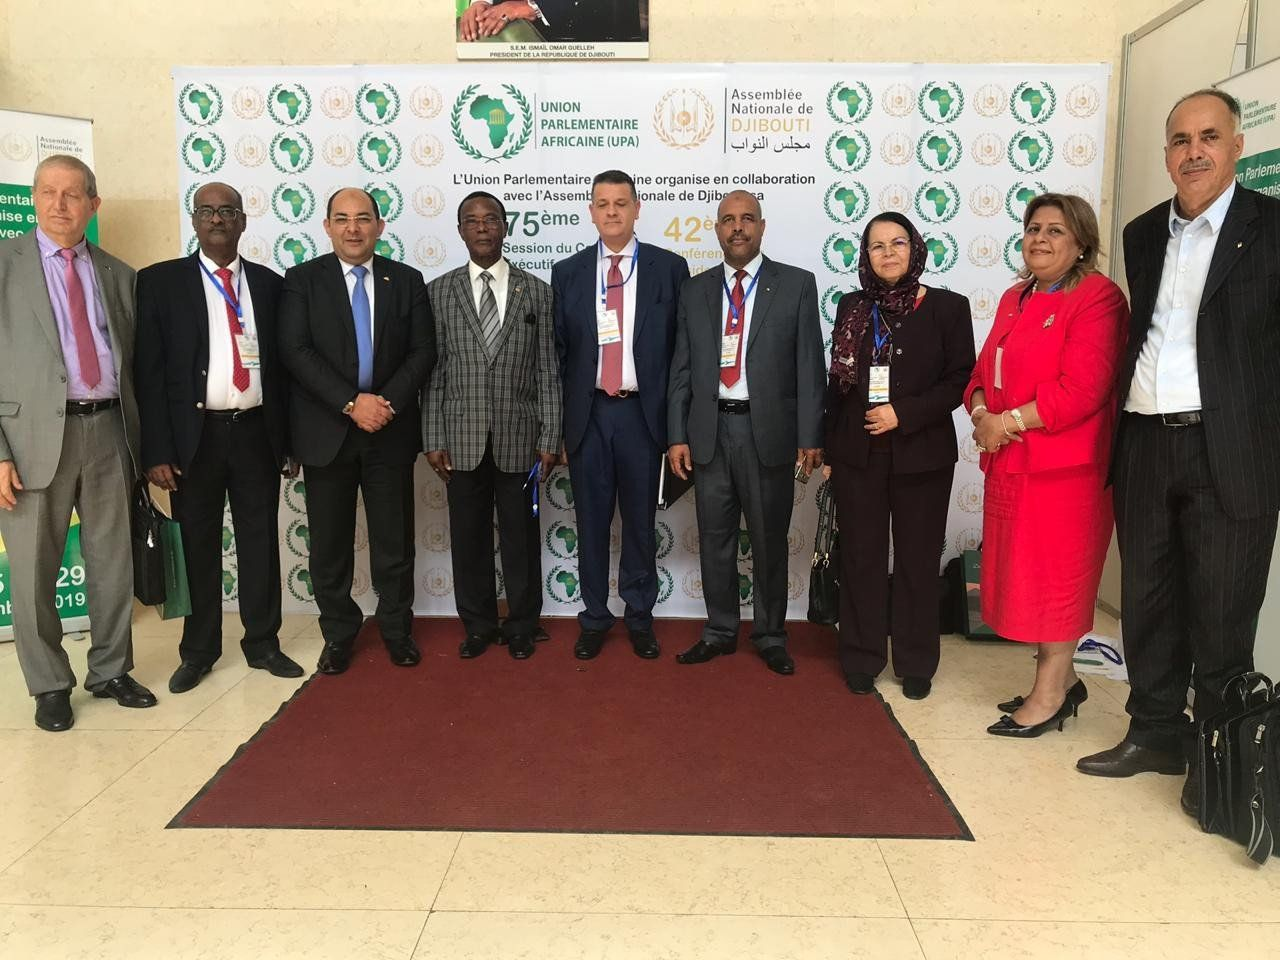 Participation marocaine à la 75ème session du Comité exécutif de l'UPA